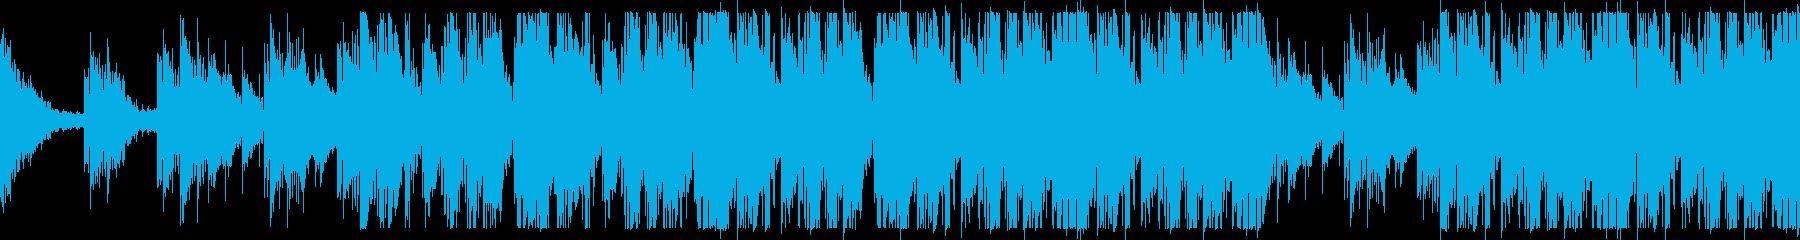 壮大なオーケストラ打楽器のリズムの再生済みの波形